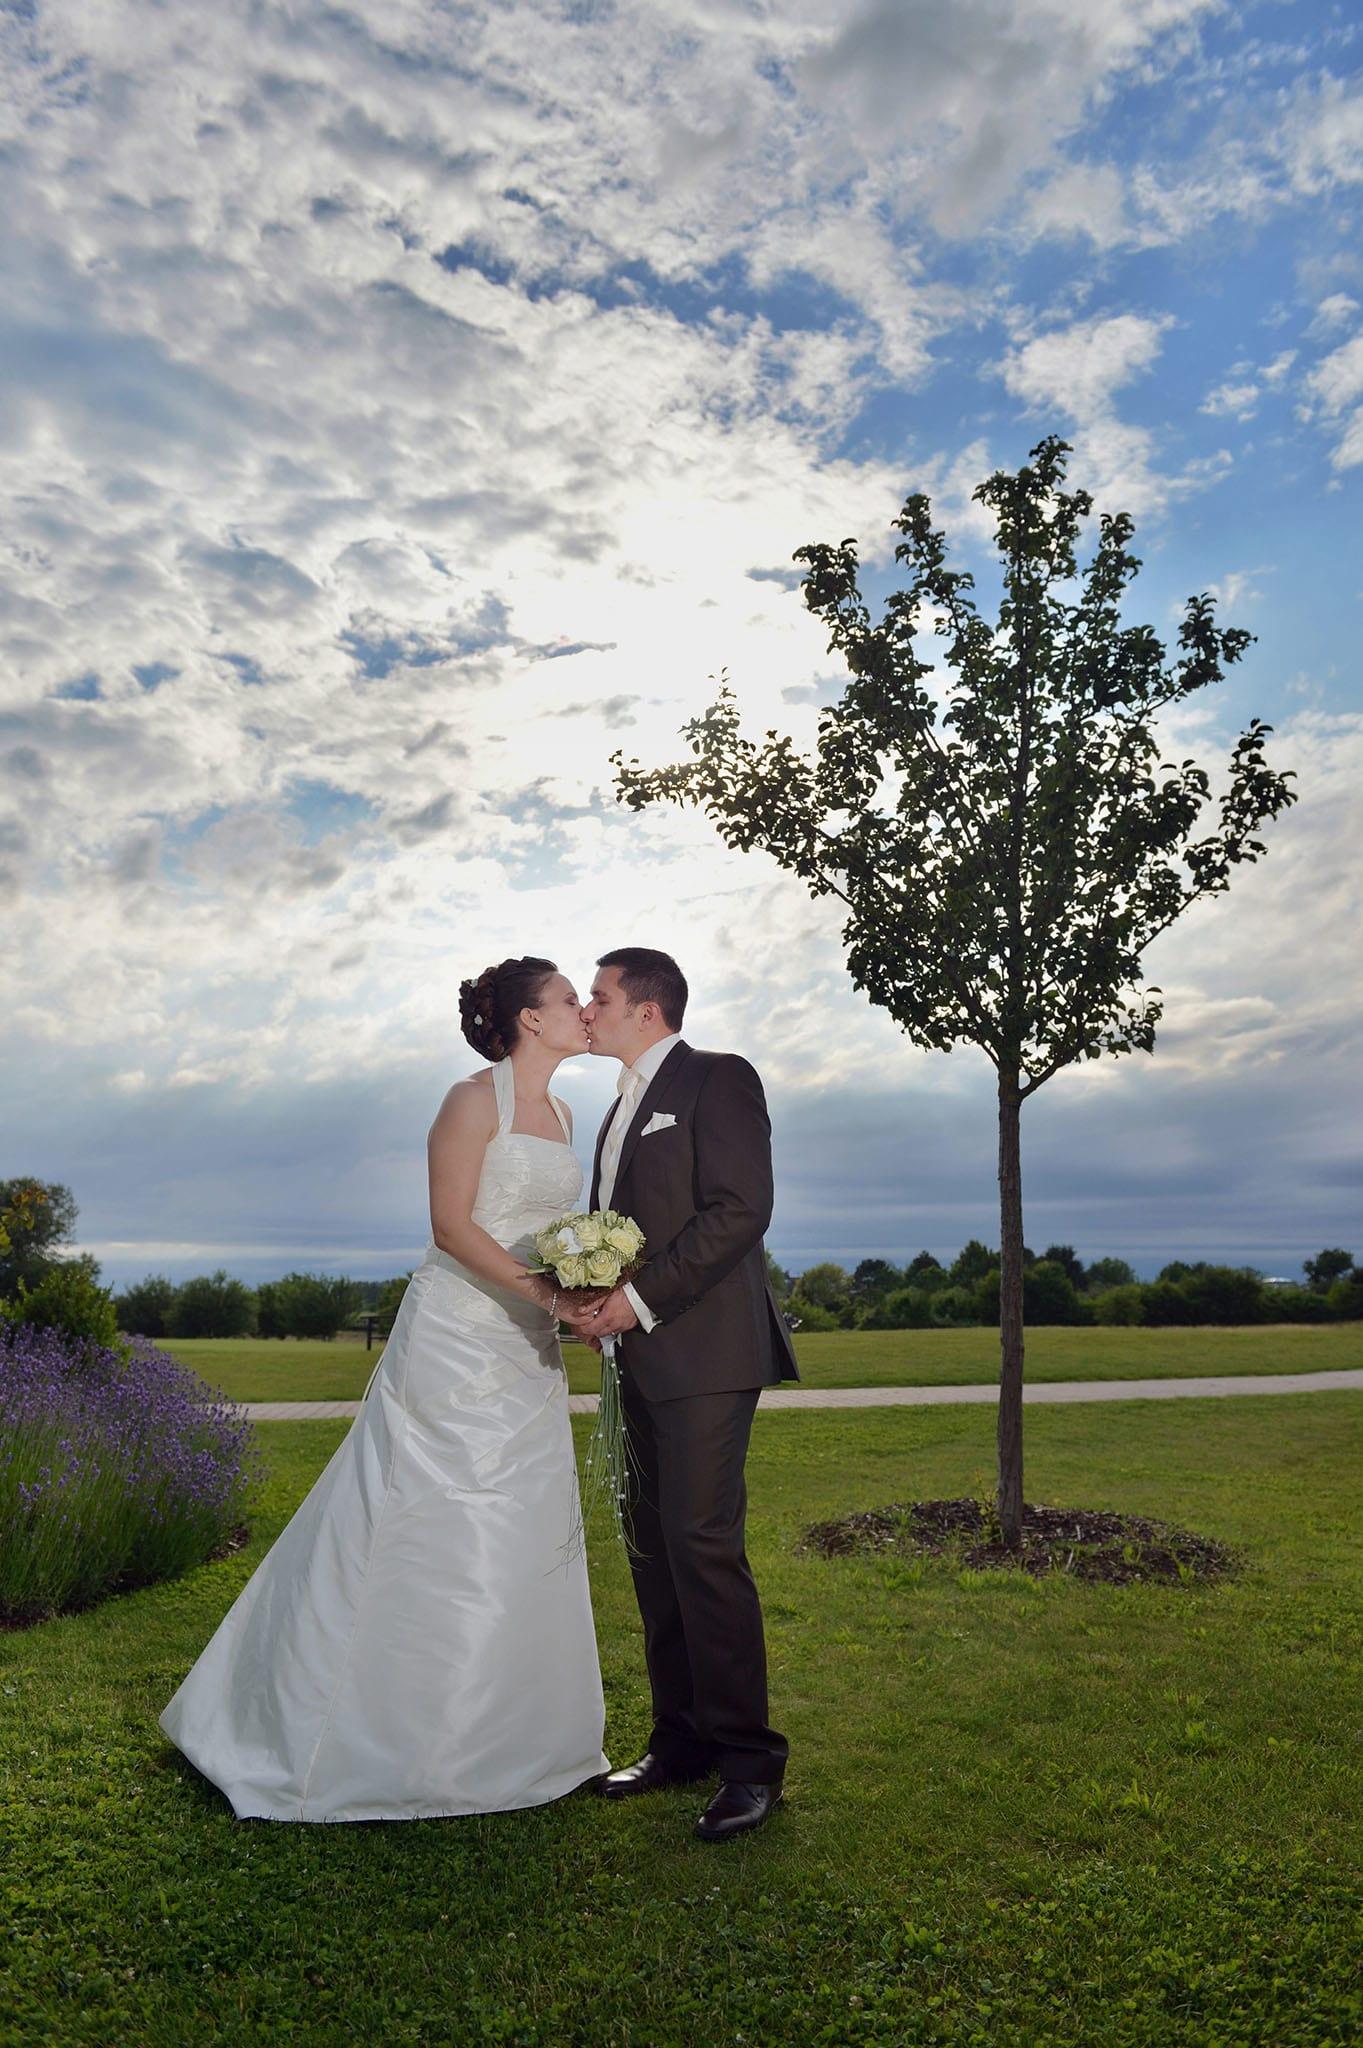 Hochzeit 020 Brautpaar Braut Bräutigam Hochzeit heiraten Foto Hochzeitsfoto Ehe Brautkleid Anzug Hochzeitsfotografie Daniel Fuss Fotografie